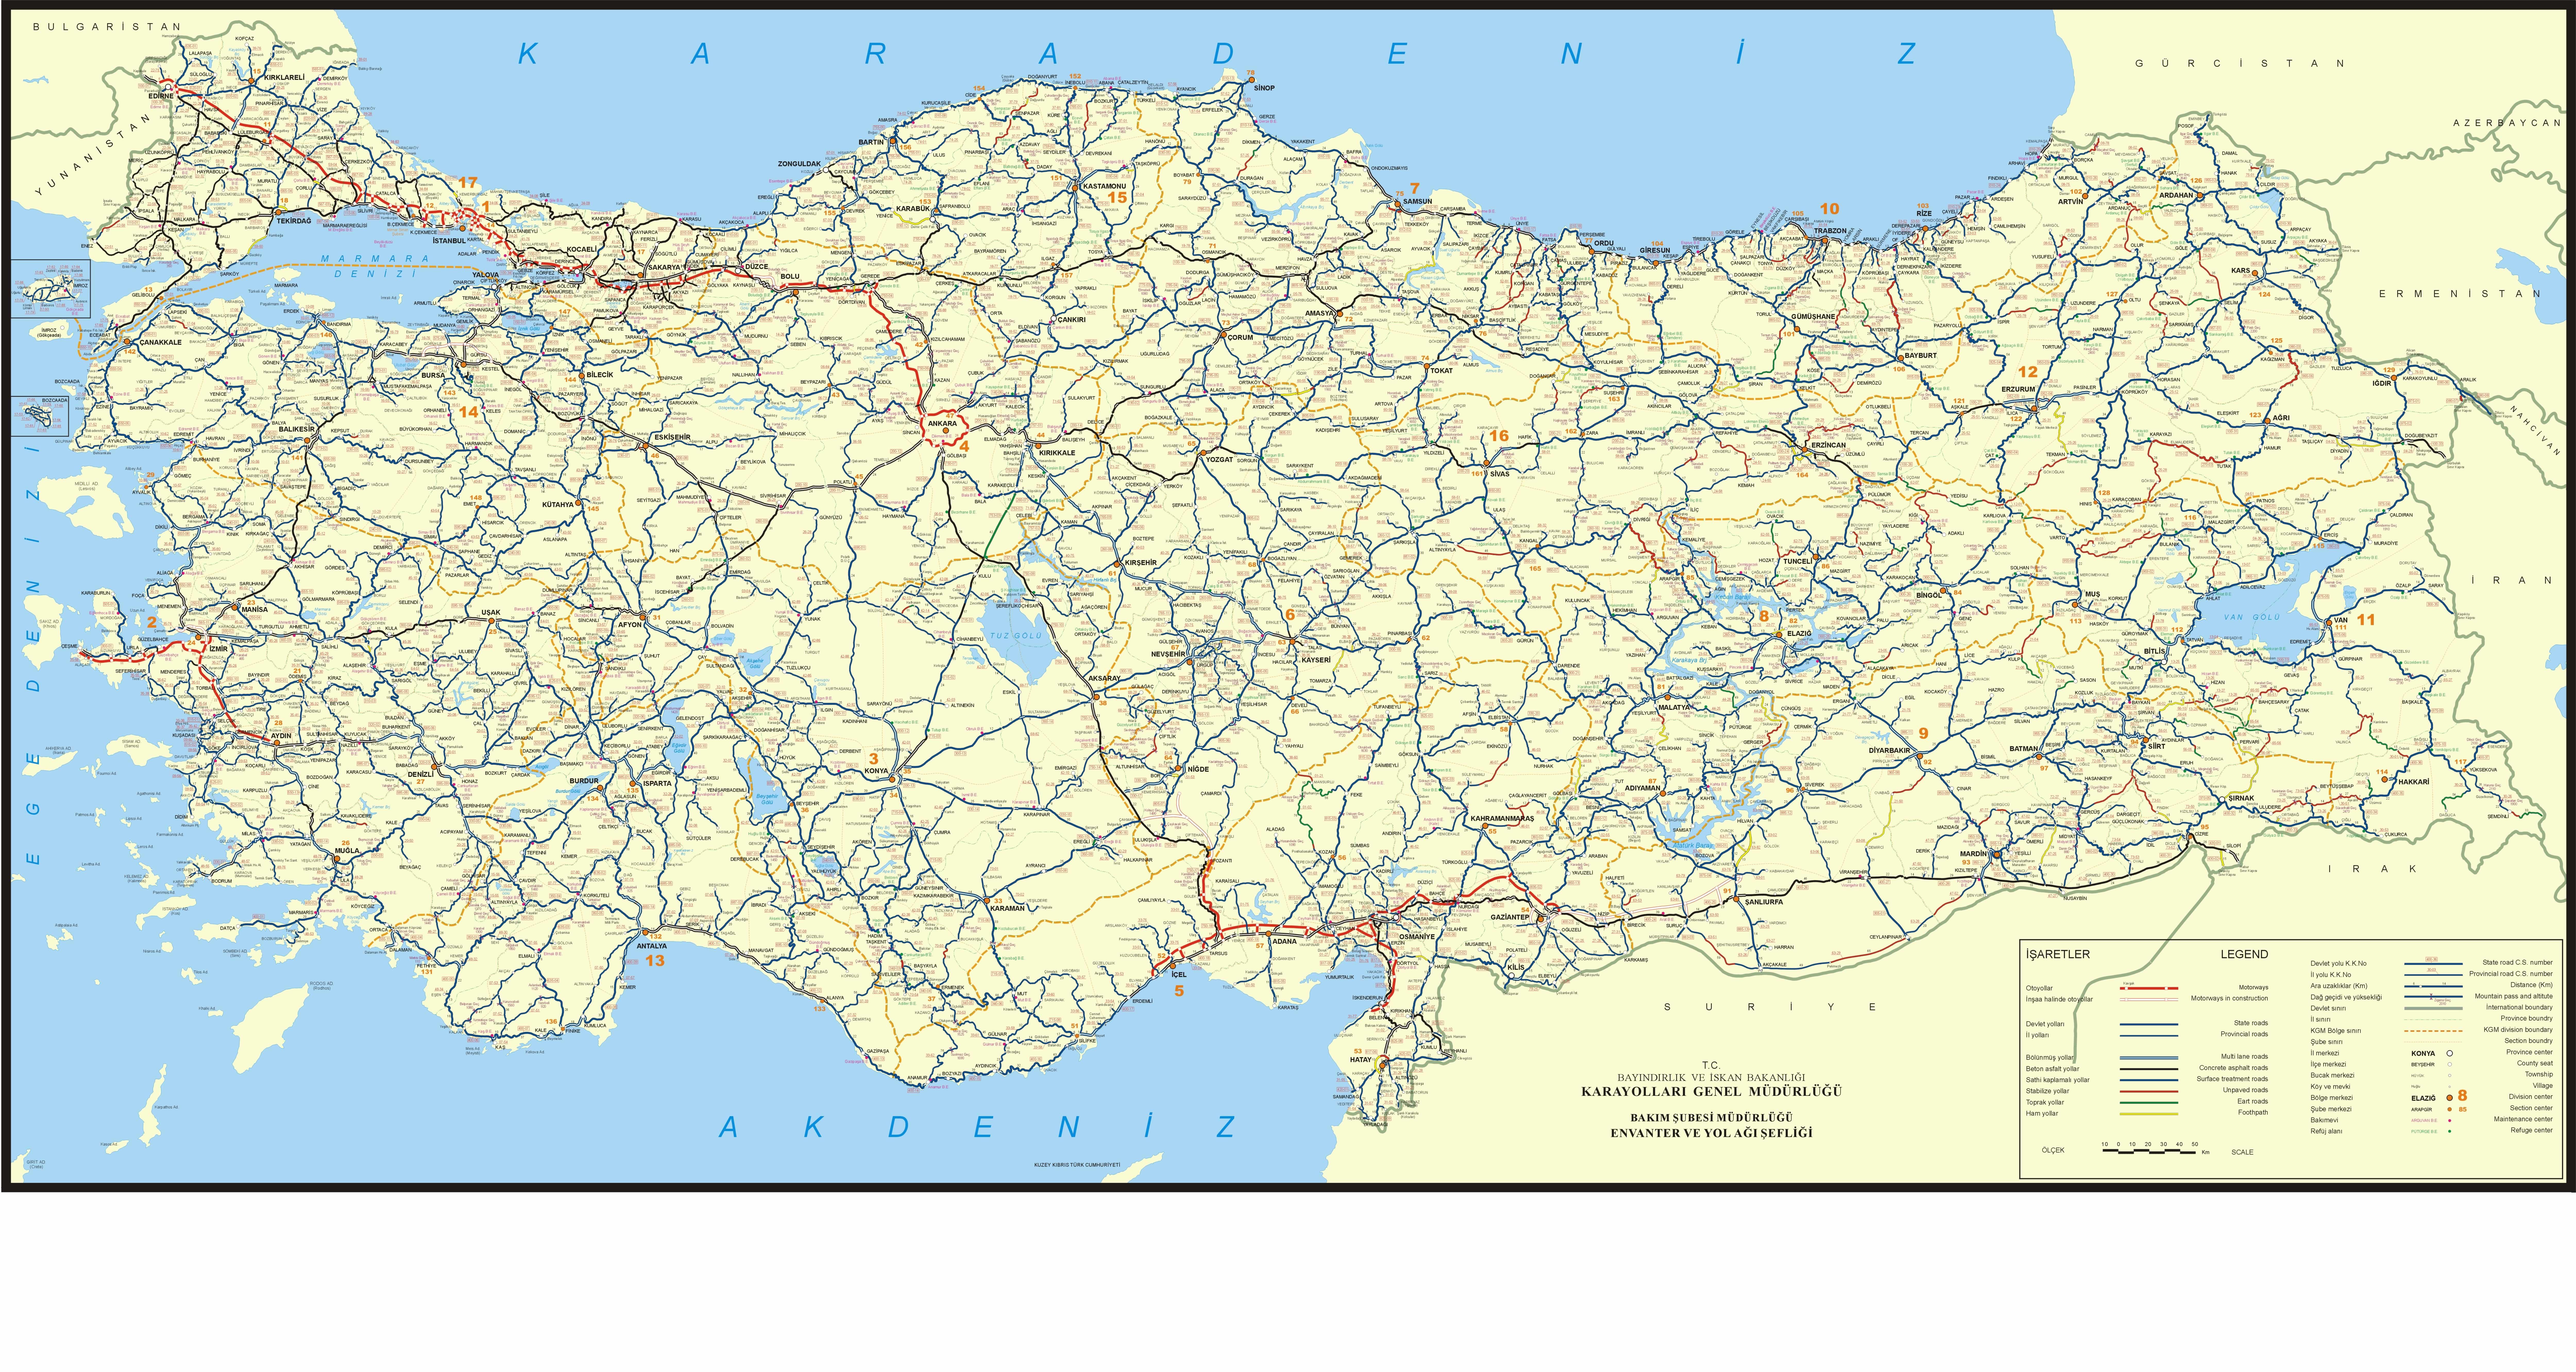 الخريطة السياحية لتركيا بالعربي - خريطة تركيا